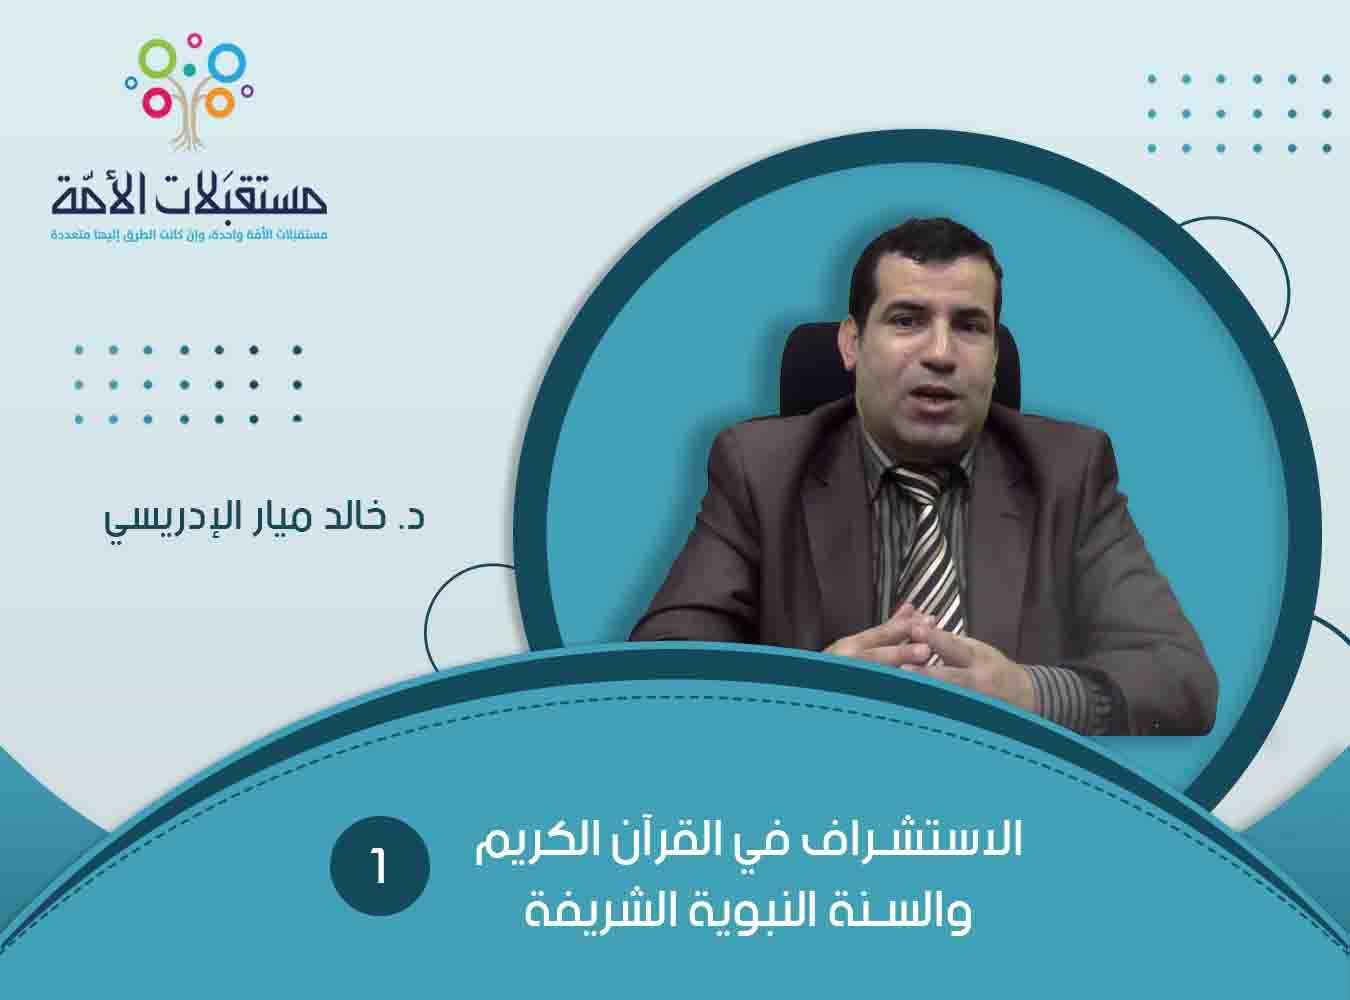 الاستشراف في القرآن الكريم والسنة النبوية الشريفة (1) | د. خالد ميار الإدريسي